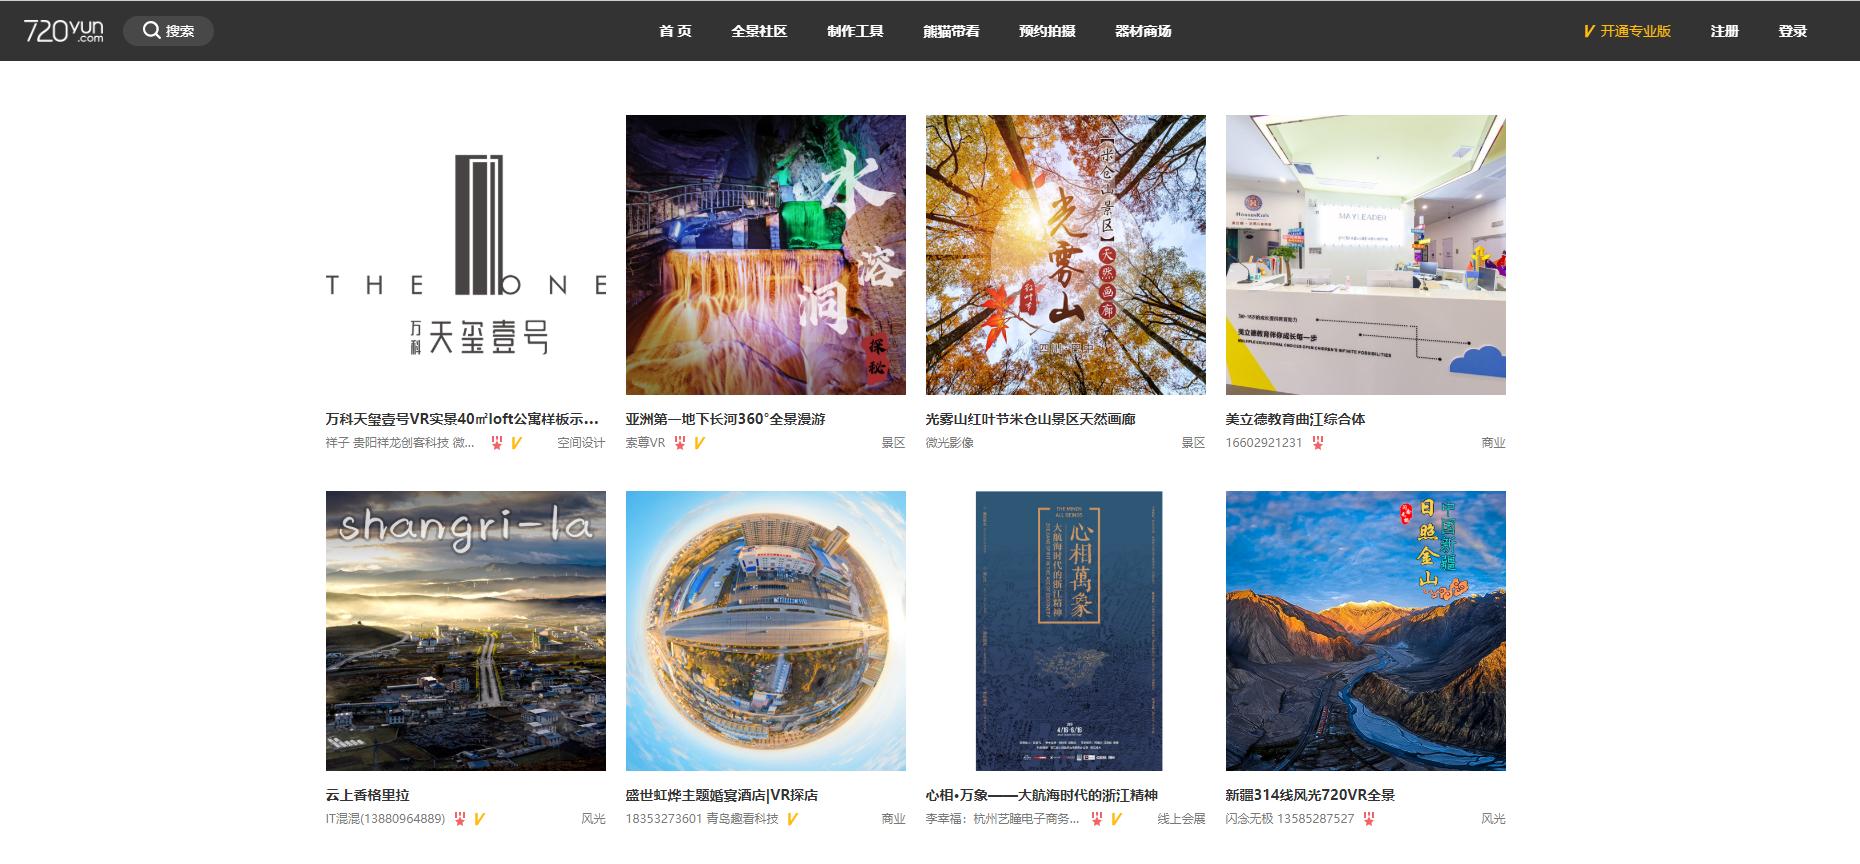 我公司全景项目「万科天玺壹号VR实景40㎡loft公寓样板间」被720云官方置顶推荐